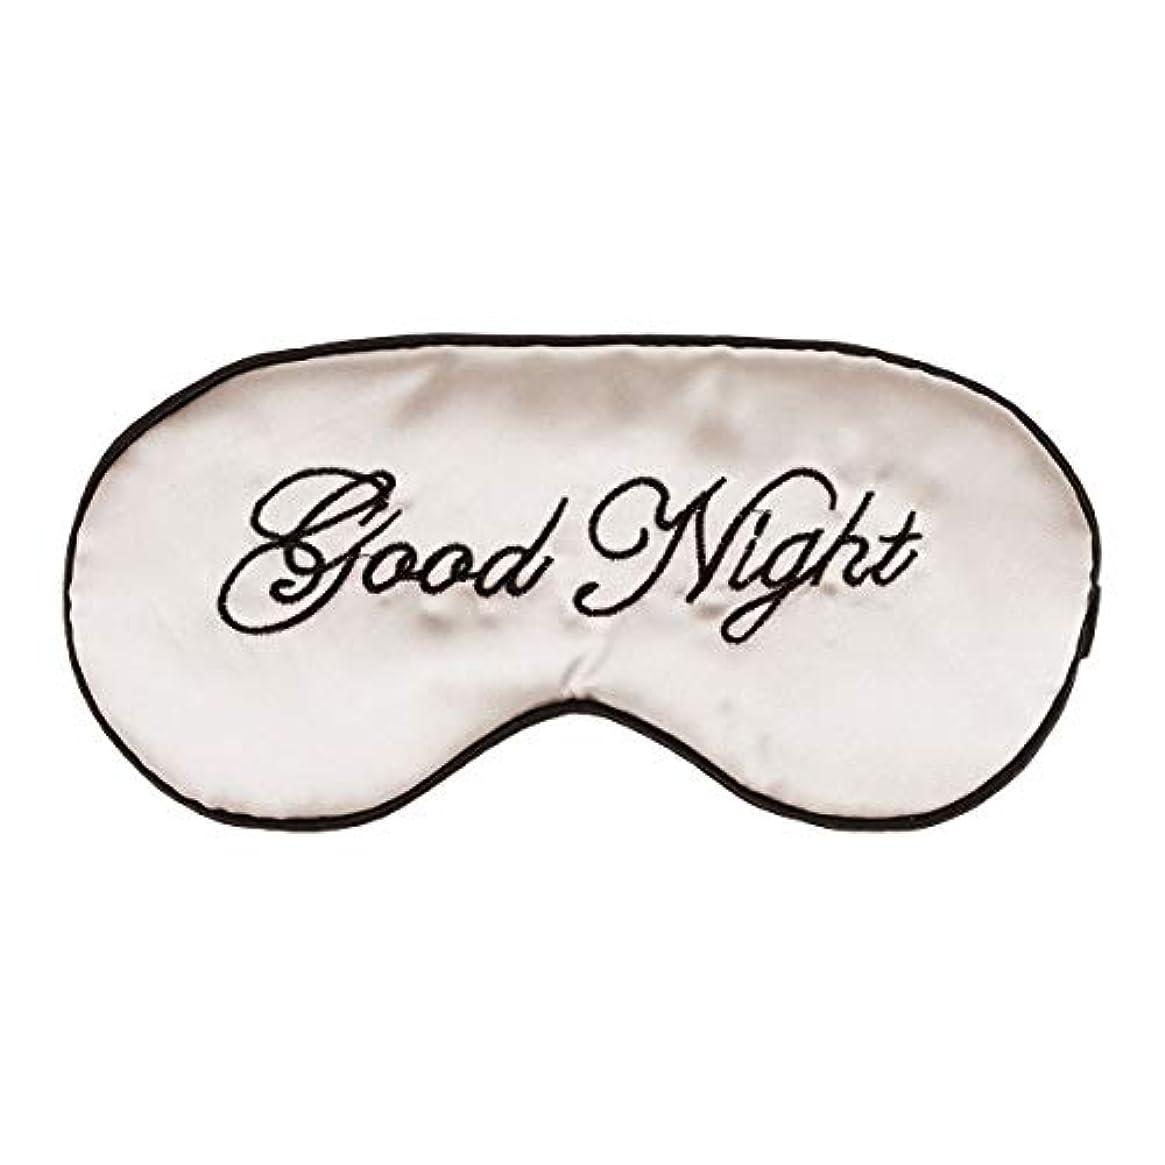 旋律的閉じる名義でSUPVOX シルクスリーピングマスク 刺繍スタイル 睡眠 アイマスク 軽量 アイマスク 遮光 圧迫感なし 疲れ目 睡眠 旅行 仮 眠 疲労回復に最適 無地(ベージュ)